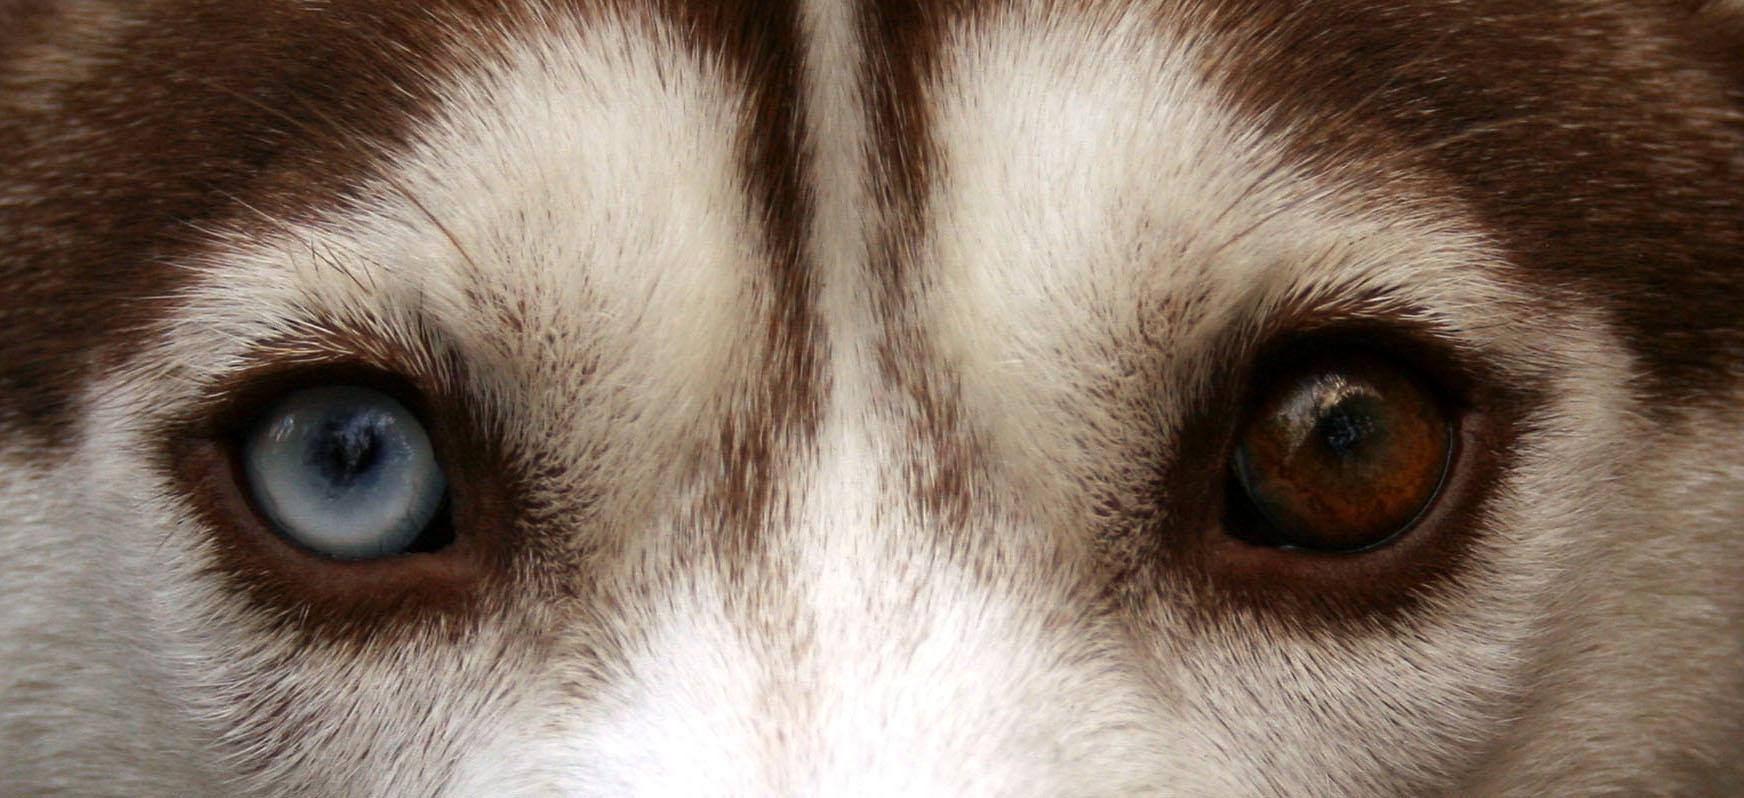 Oči u některých plemen mohou mít různé zbarvení